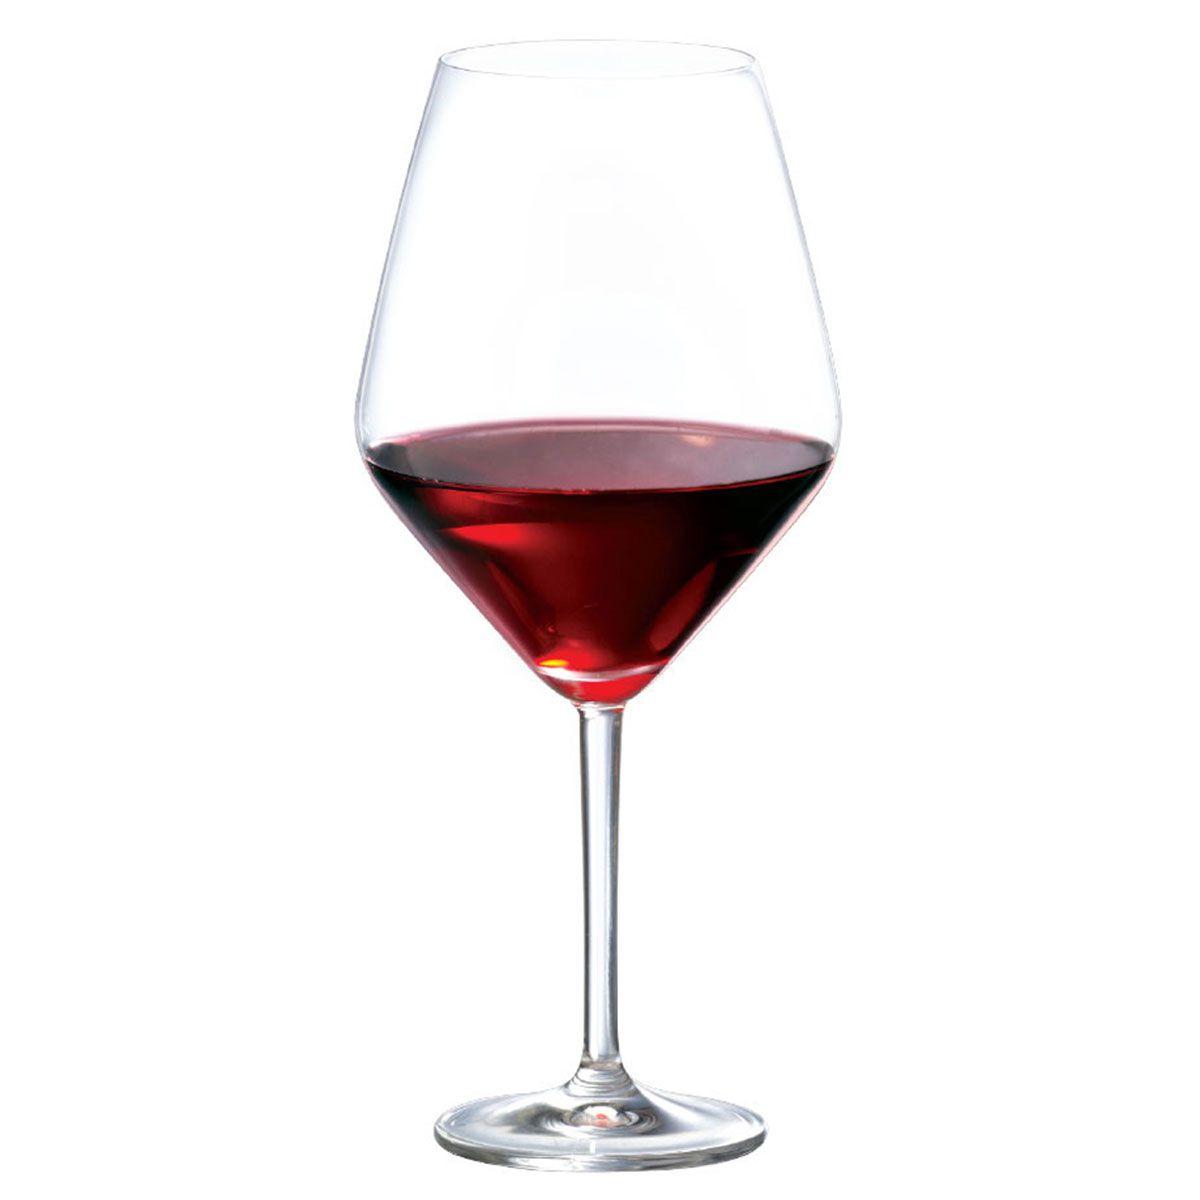 Taça Vinho - Elegance Vinho Tinto 775ml Cristal - 2 Pcs